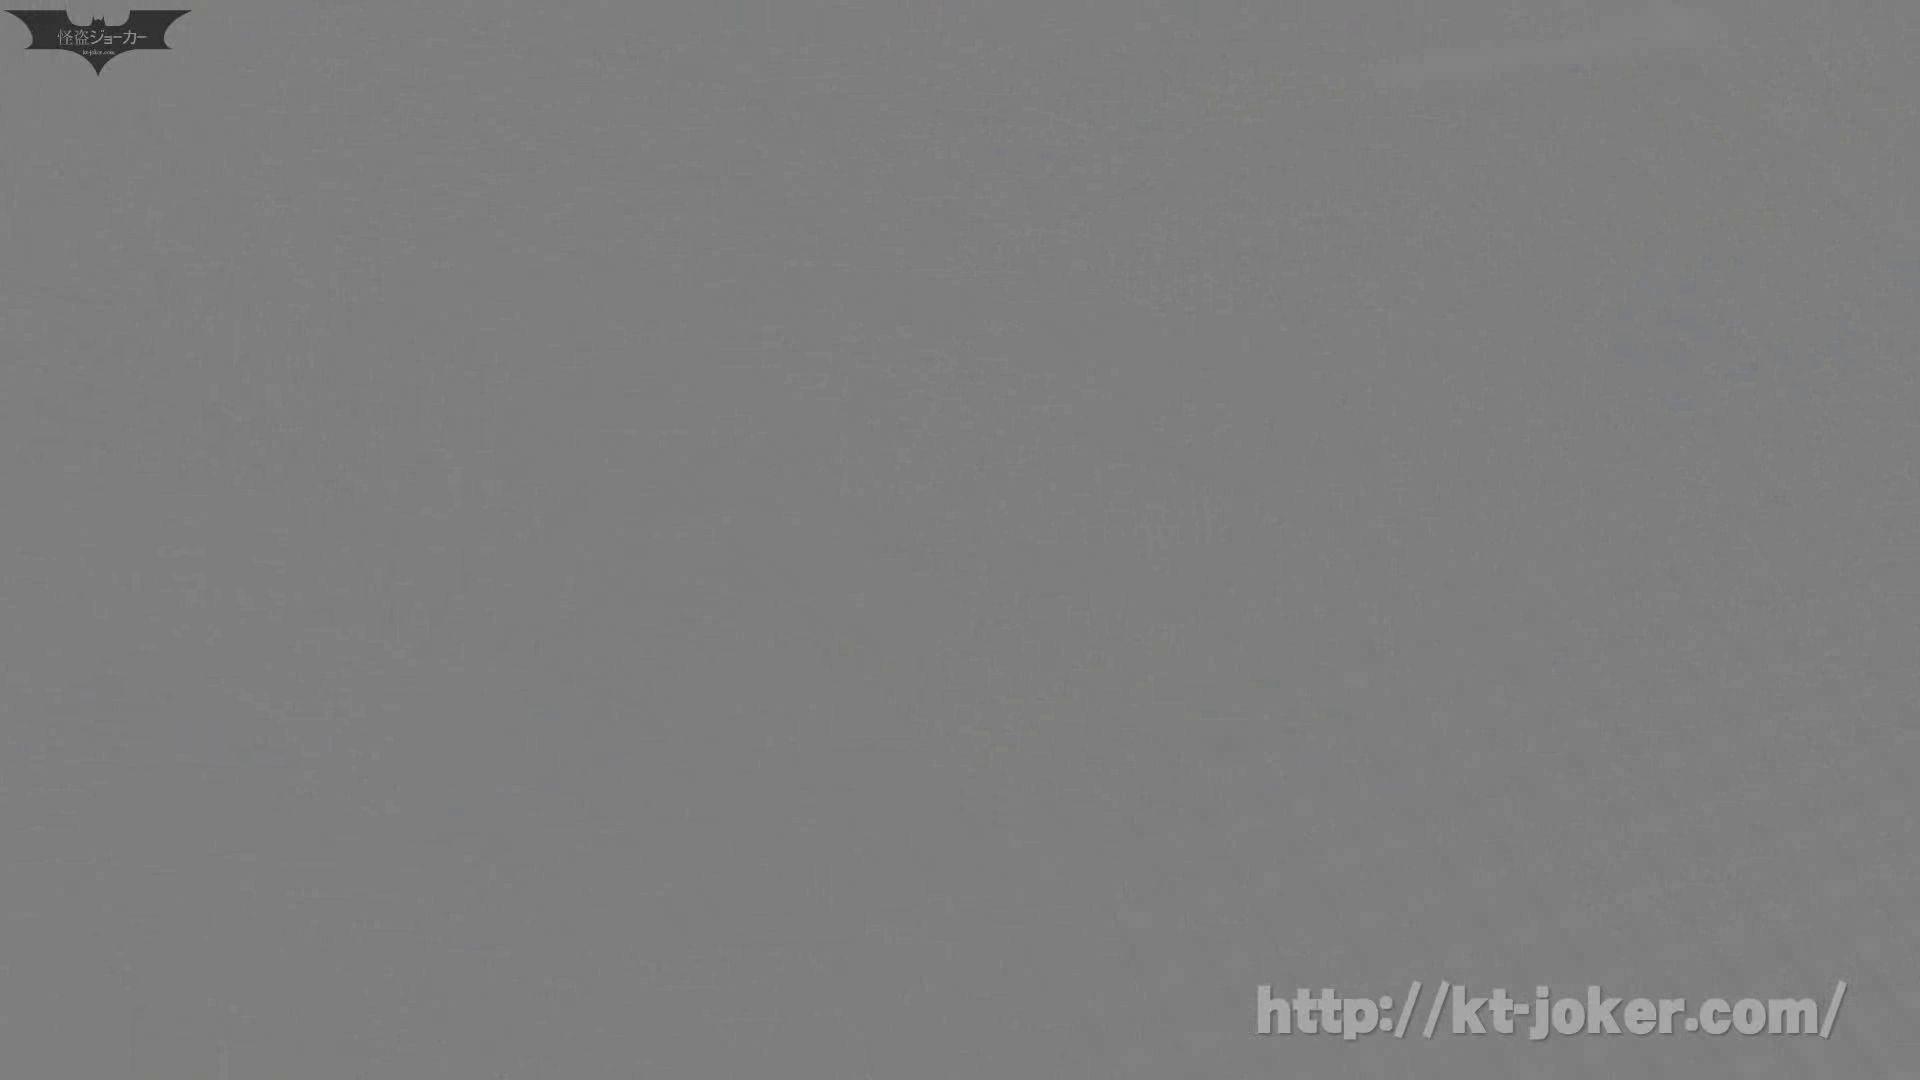 命がけ潜伏洗面所! vol.55 モデル級?「いやモデルだね!」な美女登場! 美女 ワレメ動画紹介 92連発 3